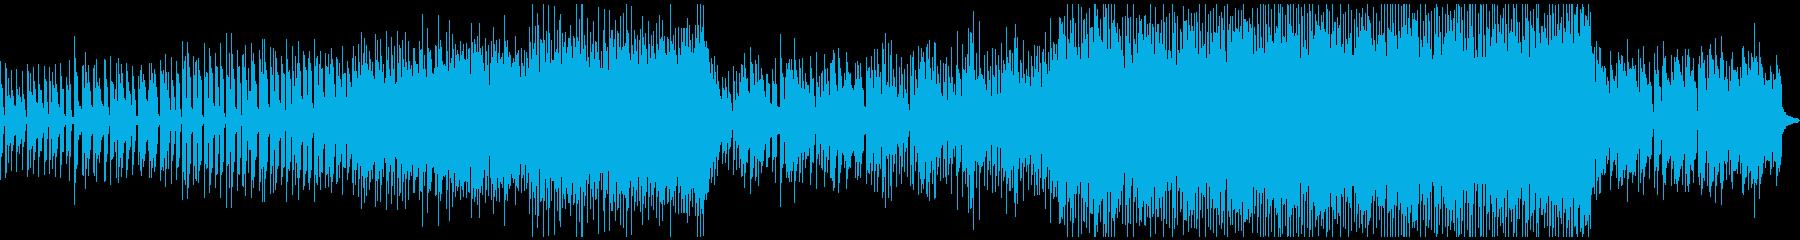 洋楽 ほのぼの 幸せ シンセサイザ...の再生済みの波形